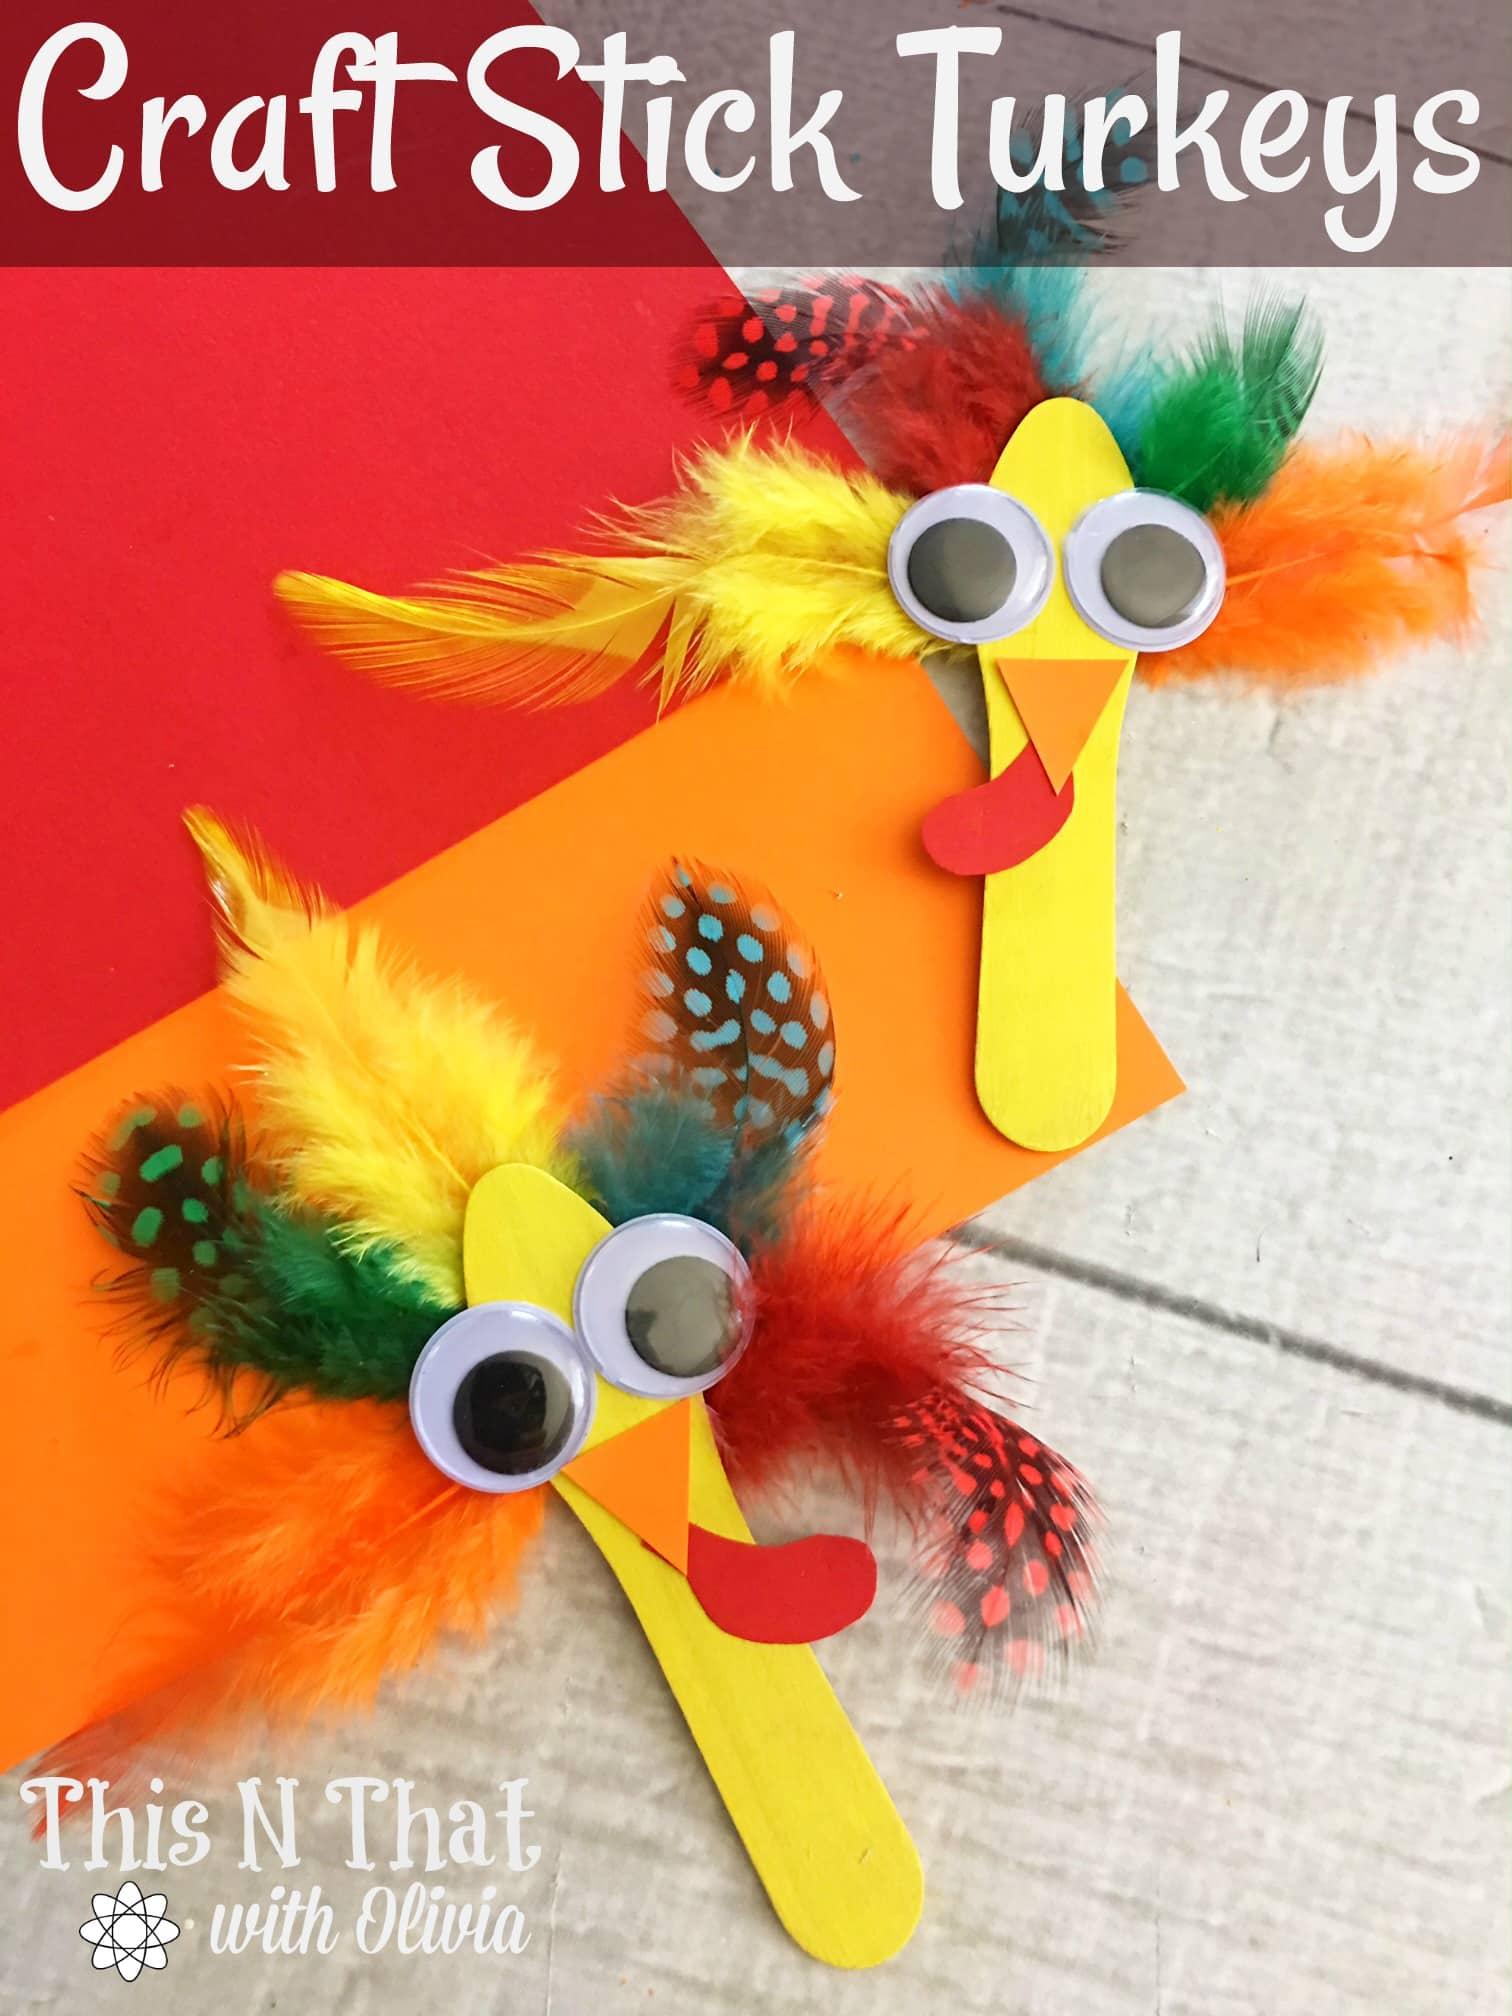 Craft Stick Turkeys